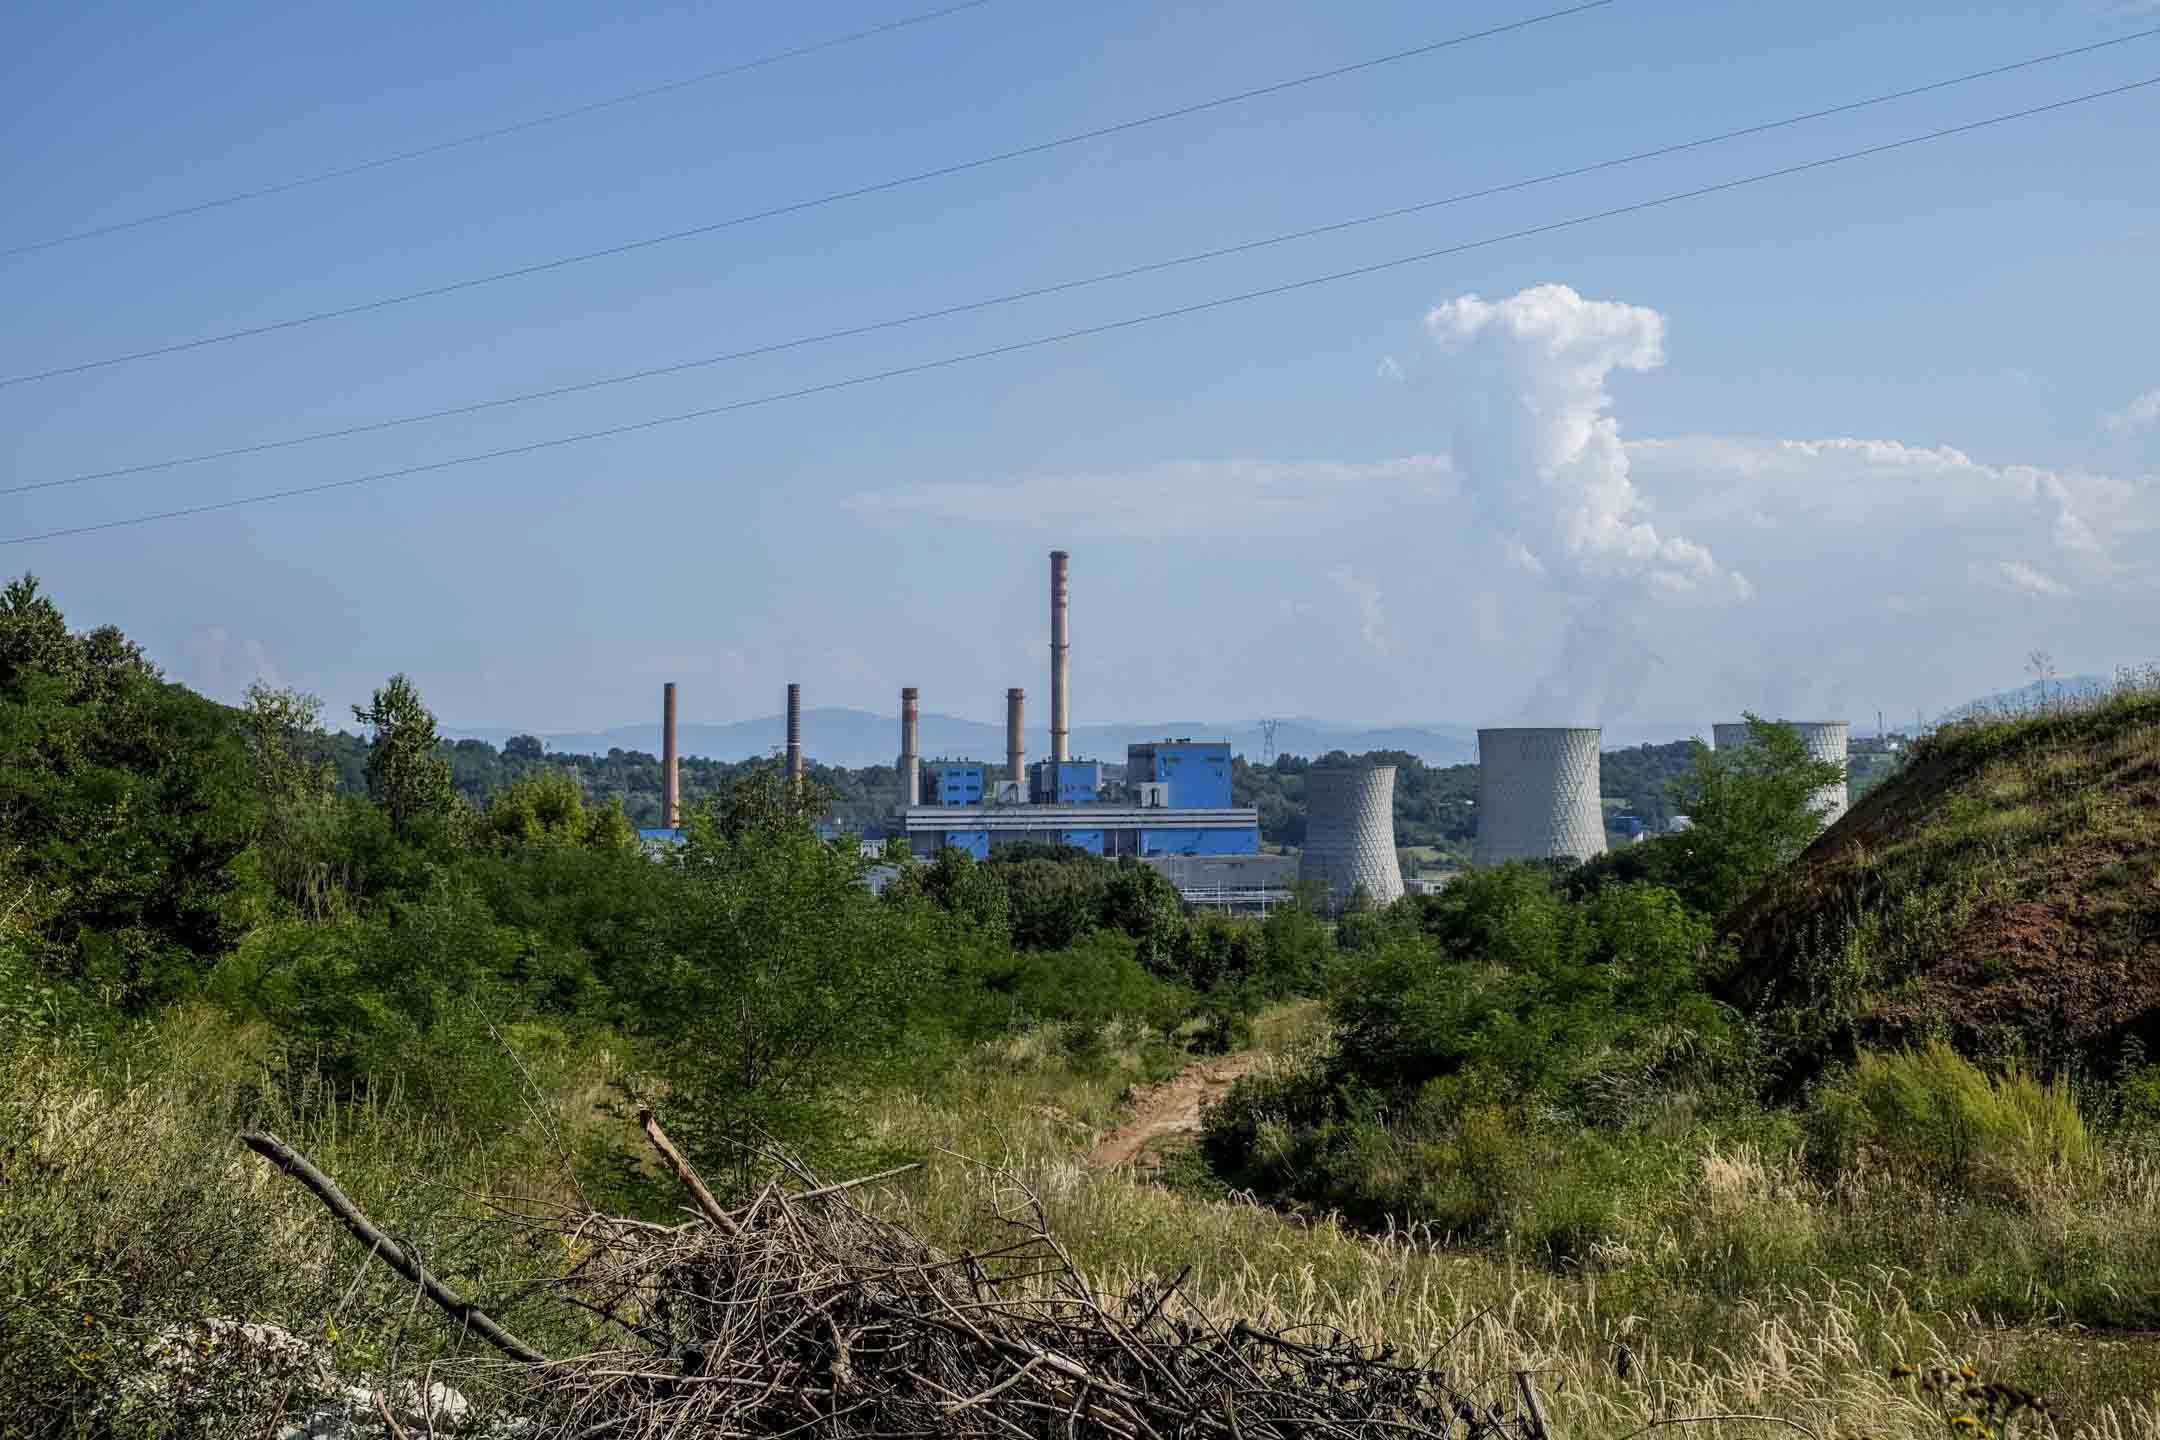 由塞爾維亞公司運營的斯坦納瑞是波黑第一間私有煤電廠,這裏廉價的褐煤降低了電廠的成本,使其能用更低的價格銷售到歐洲能源市場上。 攝:甯卉/端傳媒